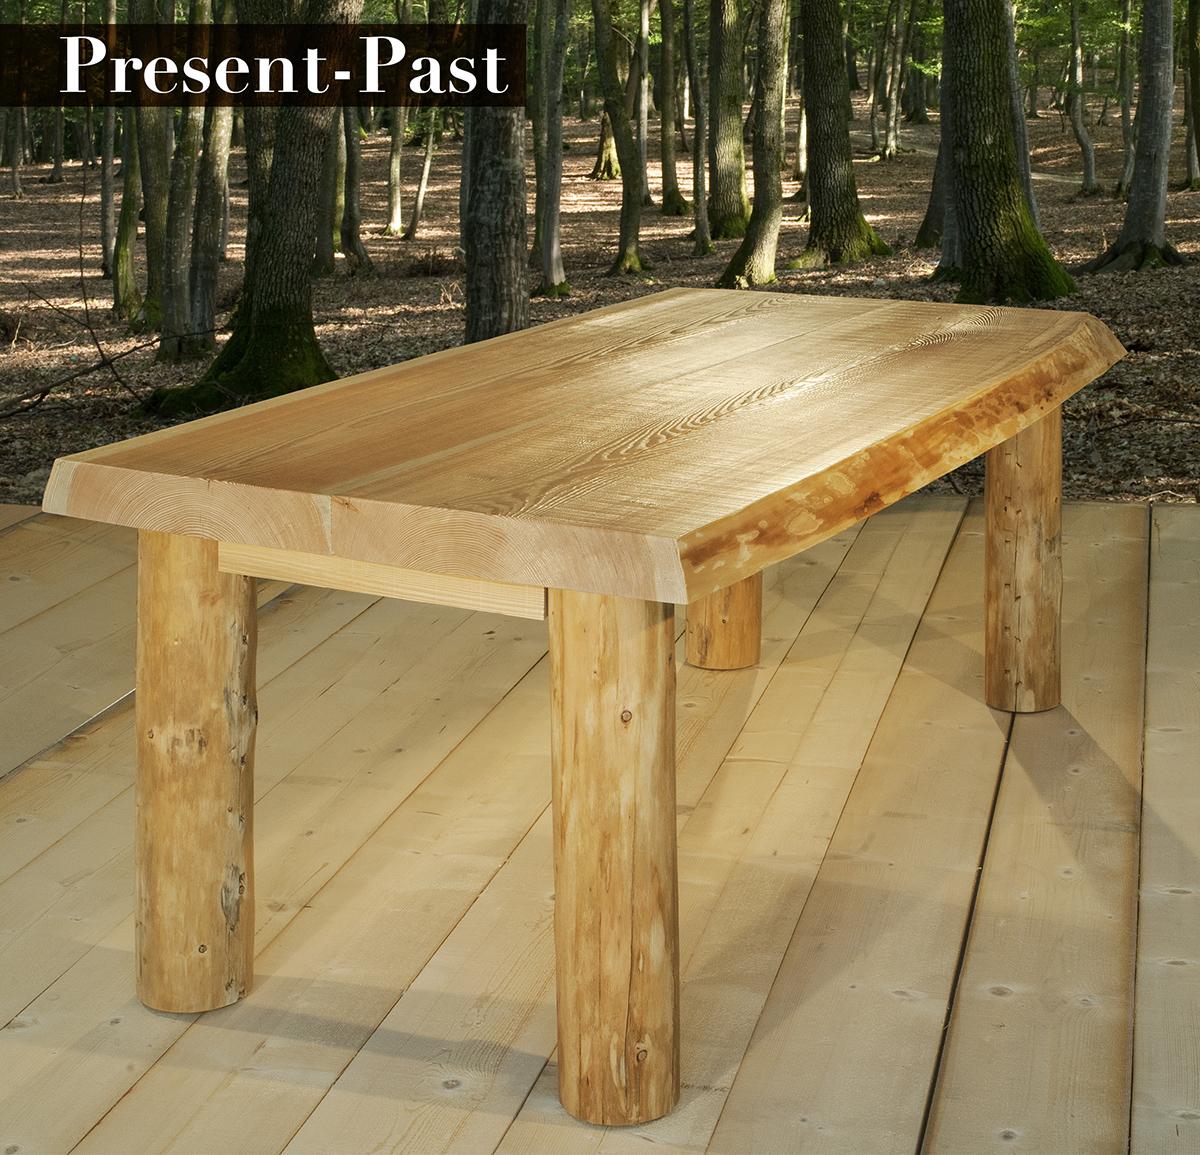 tavolo in legno massiccio Present-Past - GW Tables